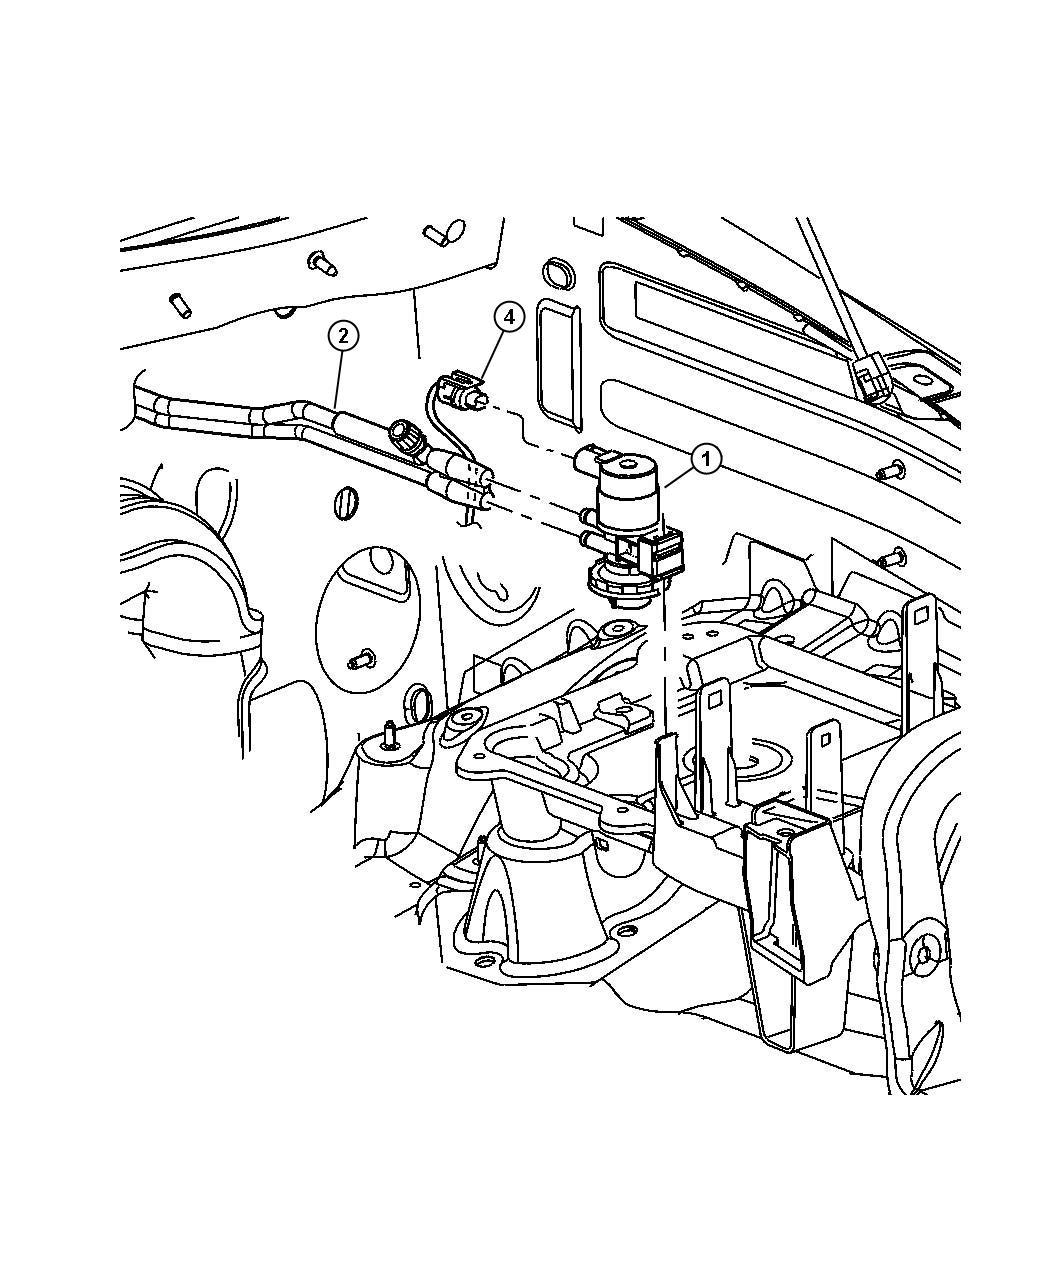 Jeep Liberty Emission Vacuum Harness 3.7L [EK0]